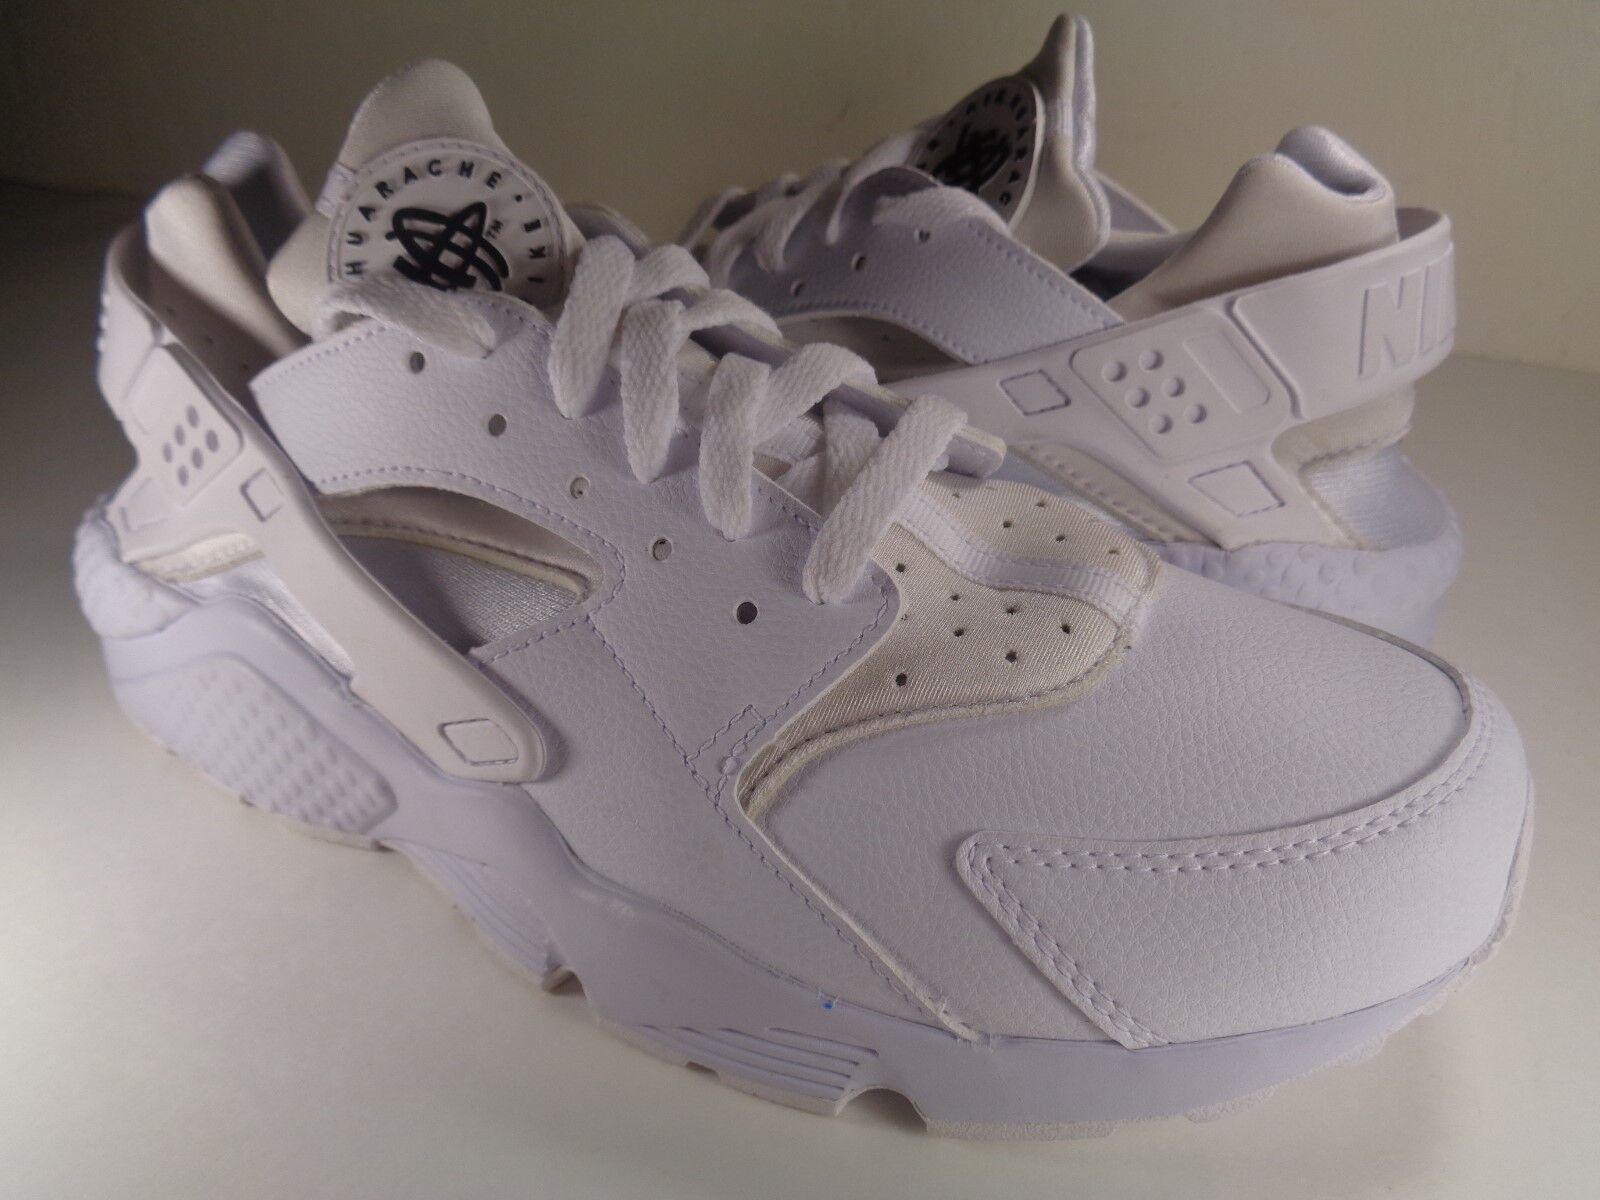 femmes Nike Air Huarache Run iD blanc Beige Noir SZ 10.5 (777331-903)